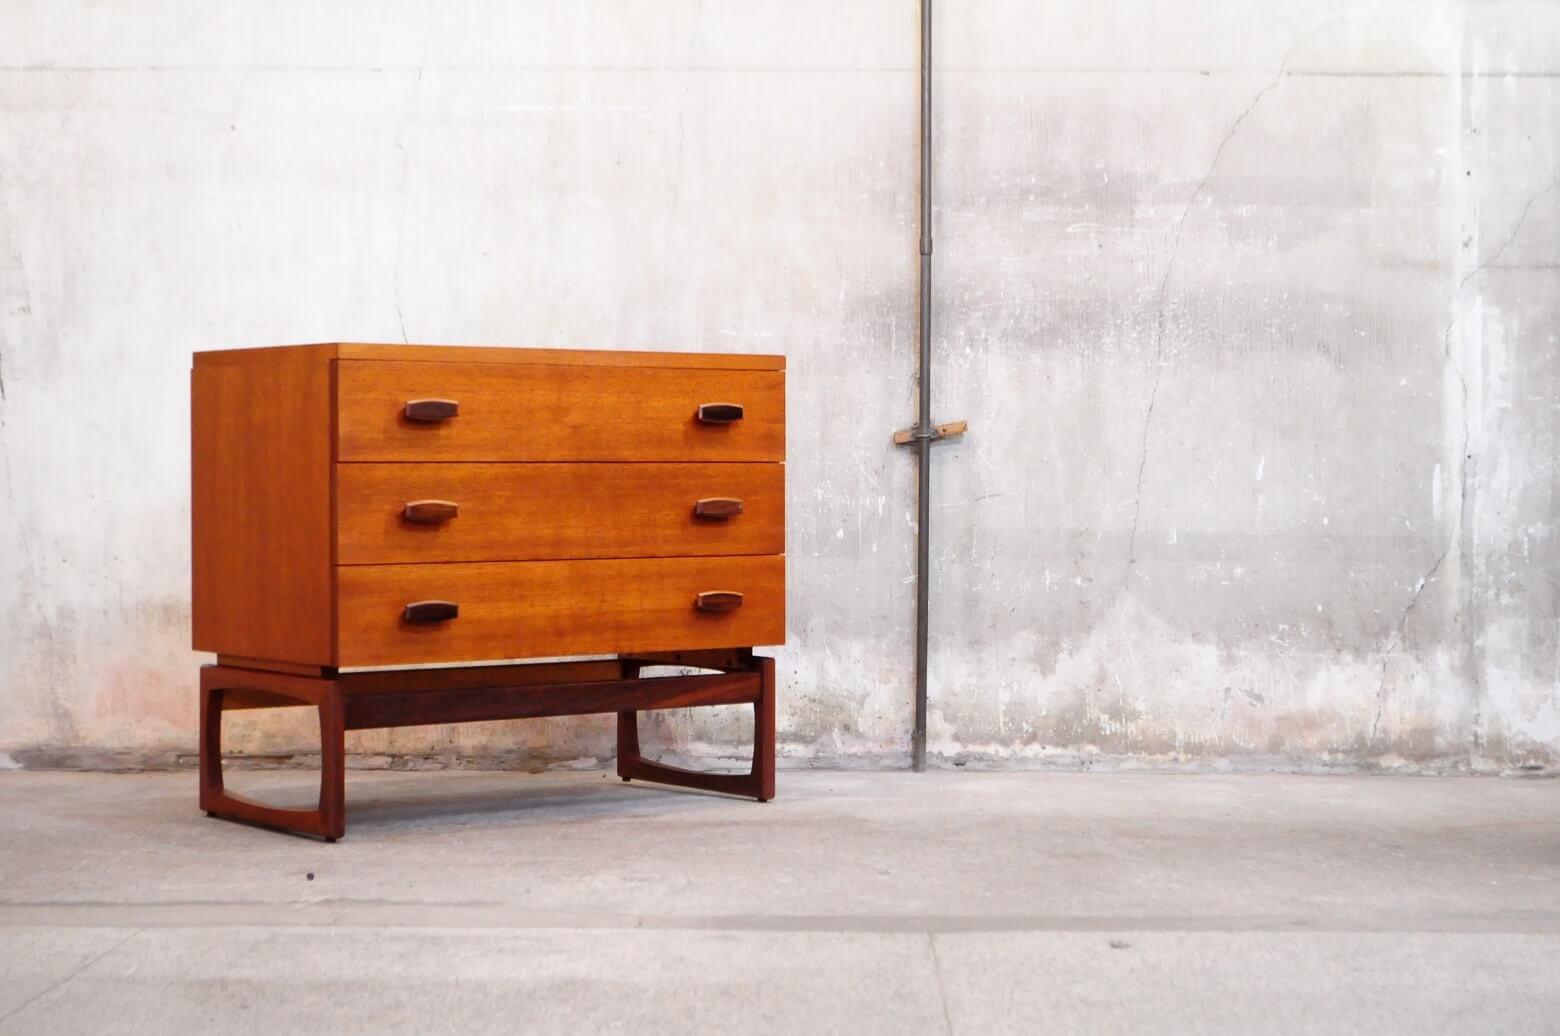 1950年代製ジープラン ビンテージチェストが入荷致しました。 その可愛らしいデザイン、使い勝手に良さで、 歴代の所有者の方たちが大切に保管していたんだろうなぁと 思ってしまうほど今から約70年前のものにしては、状態は良好で 一番上の引き出しには、刻印もしっかりと刻まれております。 北欧家具では、あまり見られないがっしりとした脚ですが 少しアーチを描いて削り出されたカービングで 重たくなりすぎないキャッチーな印象に。 正面から見ると構造上、本体部分が少し浮いているようにも見え 眺めていいるだけでも飽きのこないデザインです用途と致しましては、チェストとしてもはもちろんのこと 一般的なダイニングテーブル天板と同じくらいの高さなので テレビを置いてサイドボード的な立ち位置にも活躍してくれます。 シンプルデザイン、様々なシチュエーションで使えそうなサイズ感で 大変重宝するお品物かと思います。是非この機会にいかがでしょうか。 中古,東京都,杉並区,阿佐ヶ谷,北,アンティーク,ショップ,古一,店,古,一,出張,無料,買取,杉並区,周辺,世田谷区,目黒区,武蔵野市,新宿区,東京近郊,お見積もり,ビンテージ家具,インテリア雑貨,ランプ,USED品, リサイクル,ふるいち,フルイチ,古一,used,furuichi~【東京都杉並区阿佐ヶ谷北アンティークショップ 古一】 古一/ふるいちでは出張無料買取も行っております。杉並区周辺はもちろん、世田谷区・目黒区・武蔵野市・新宿区等の東京近郊のお見積もりも!ビンテージ家具・インテリア雑貨・ランプ・USED品・ リサイクルなら古一/フルイチへ~